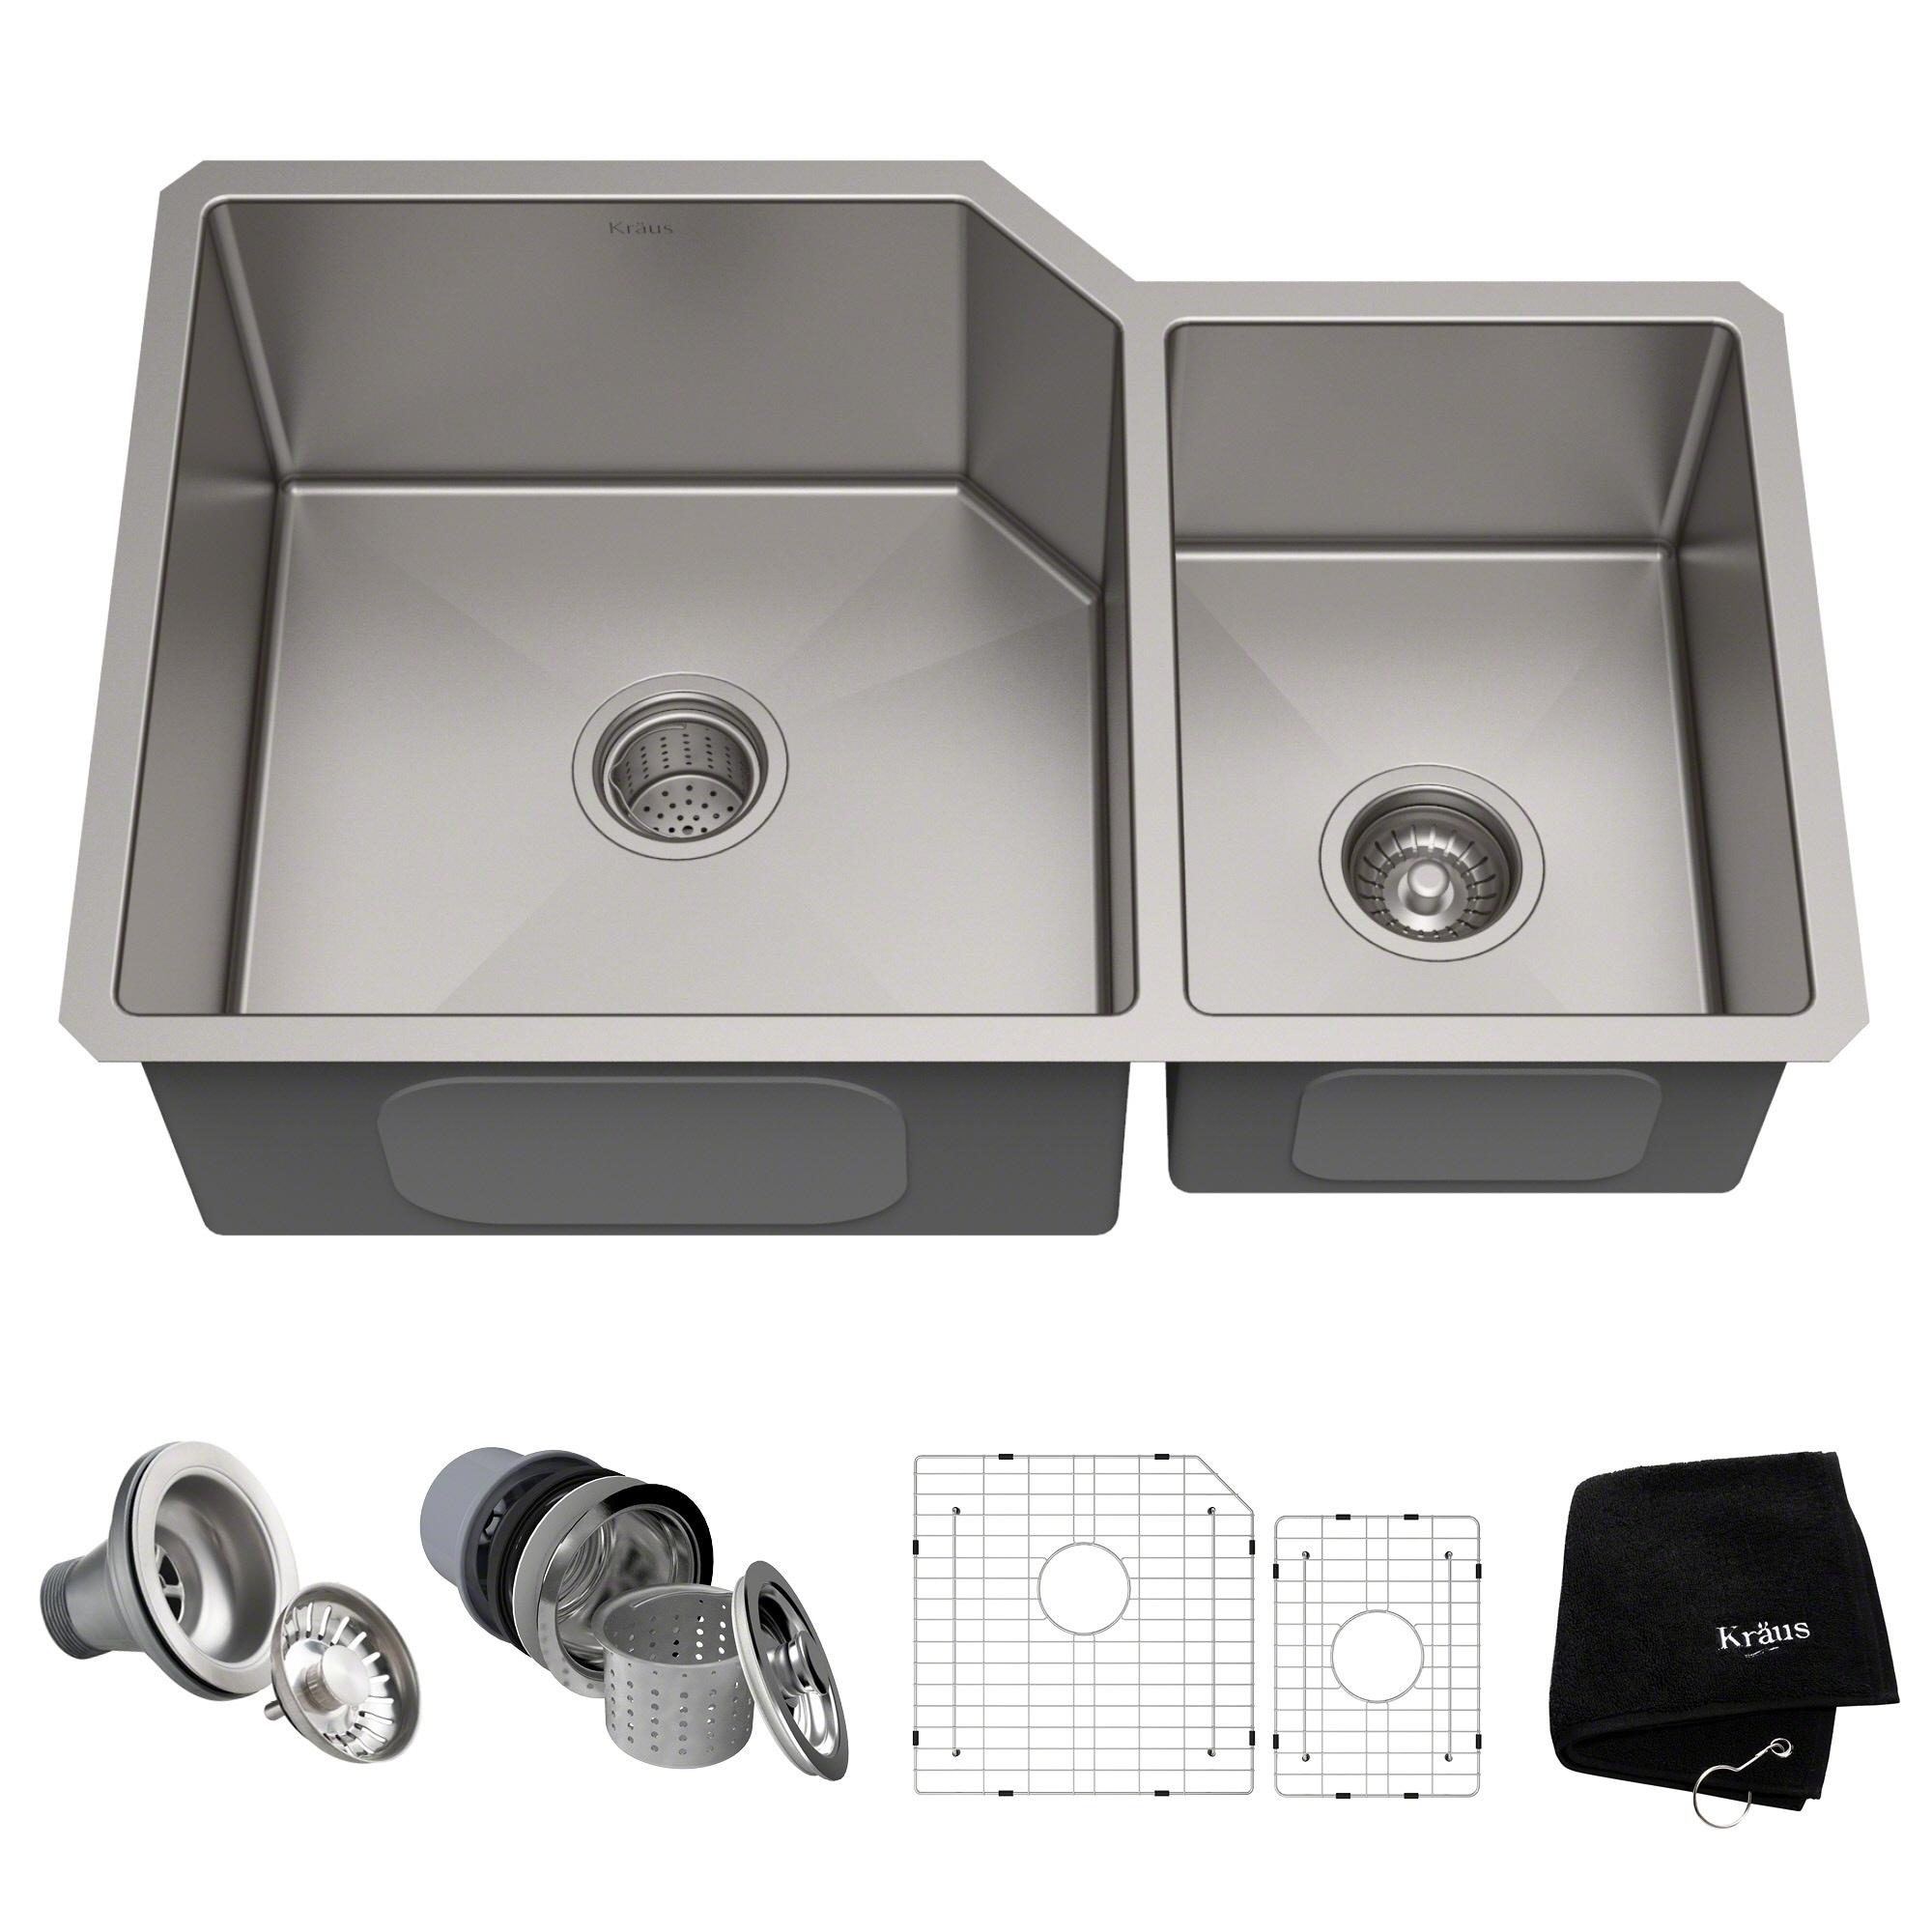 Kraus Khu123 32 Undermount 32 In 16g 6040 2 Bowl Satin Stainless Steel Kitchen Sink Grids Strainers Towel